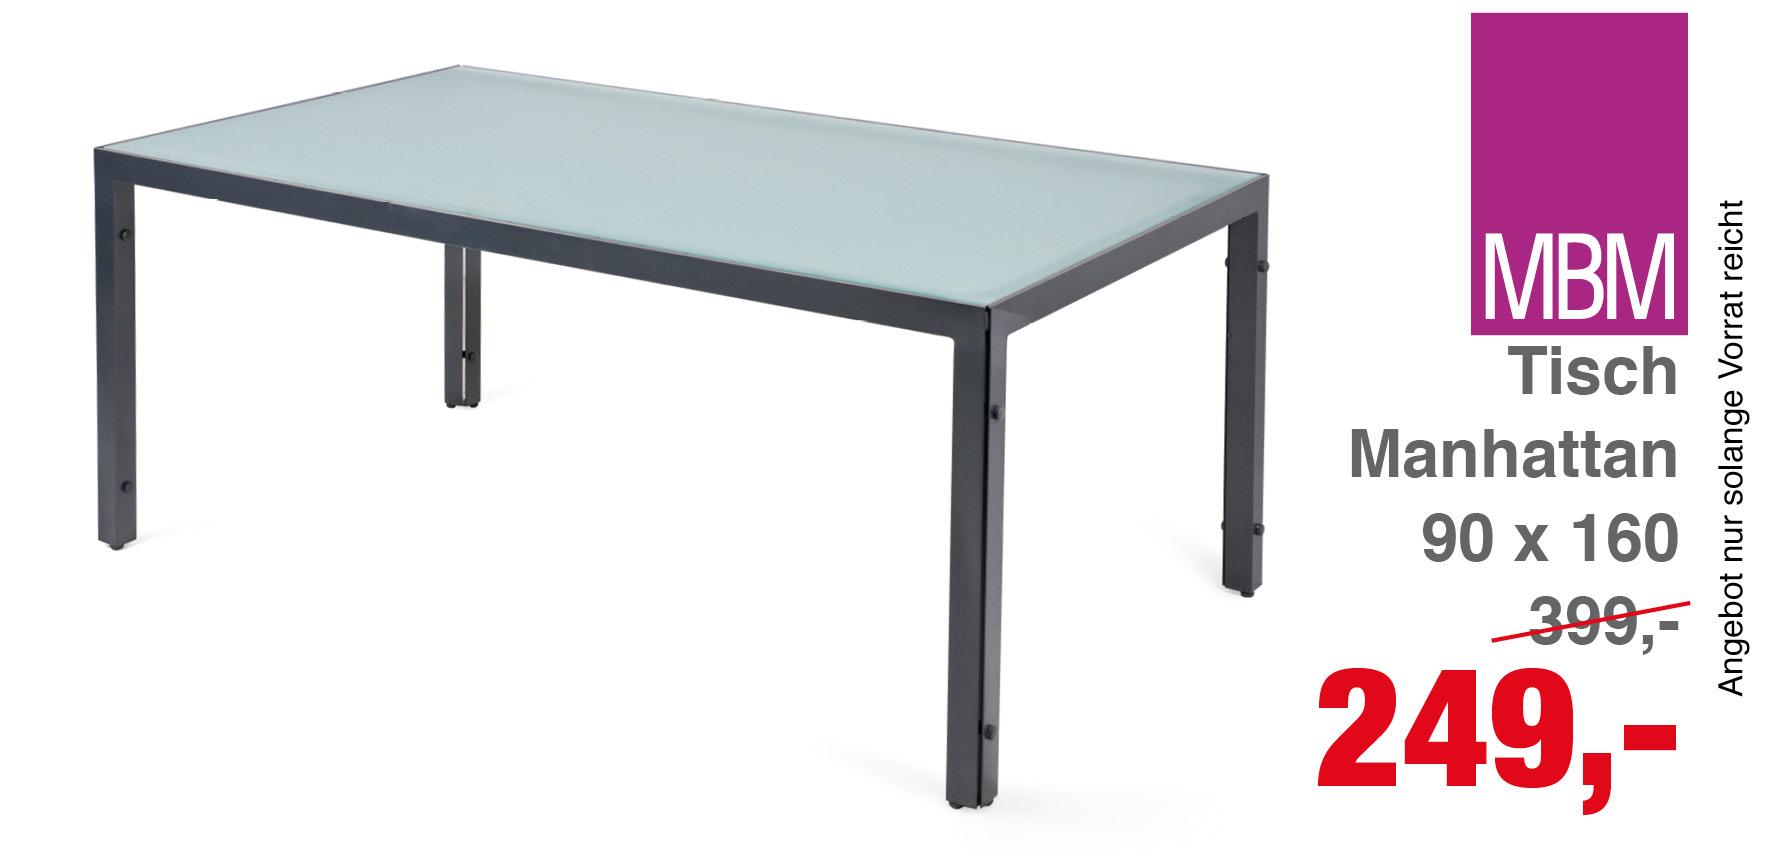 Tisch Manhattan 90 X 160 Cm Mbm Gartenmobel Lagerverkauf